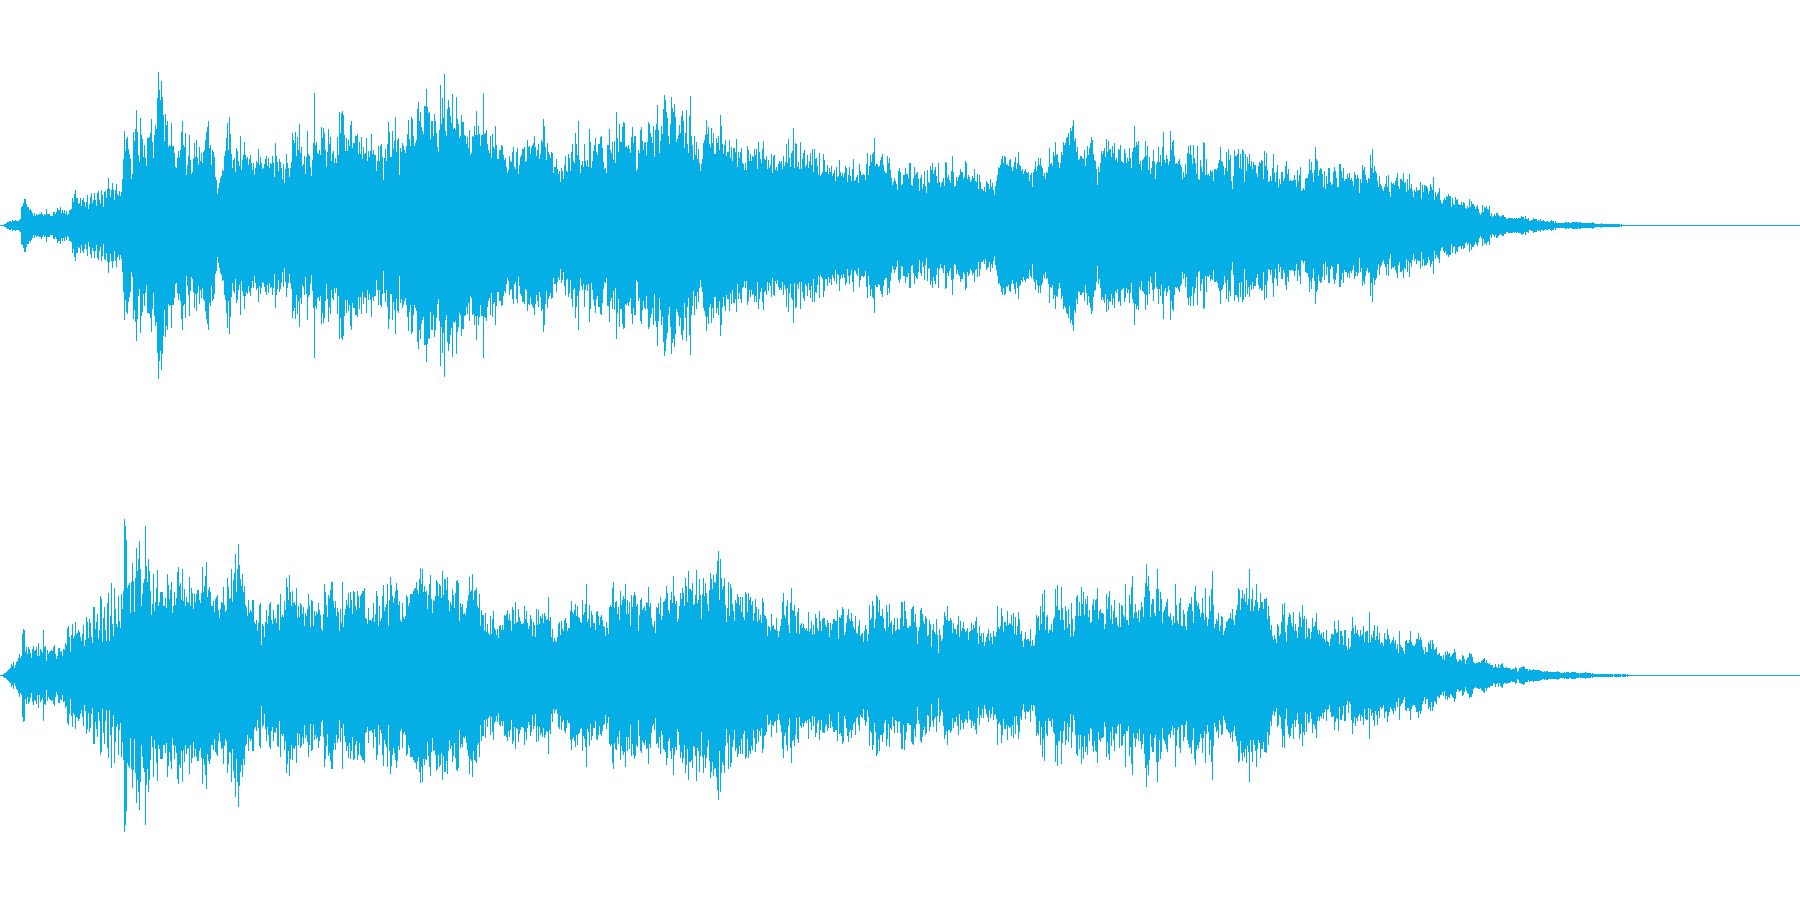 風がテーマのアイキャッチ音の再生済みの波形